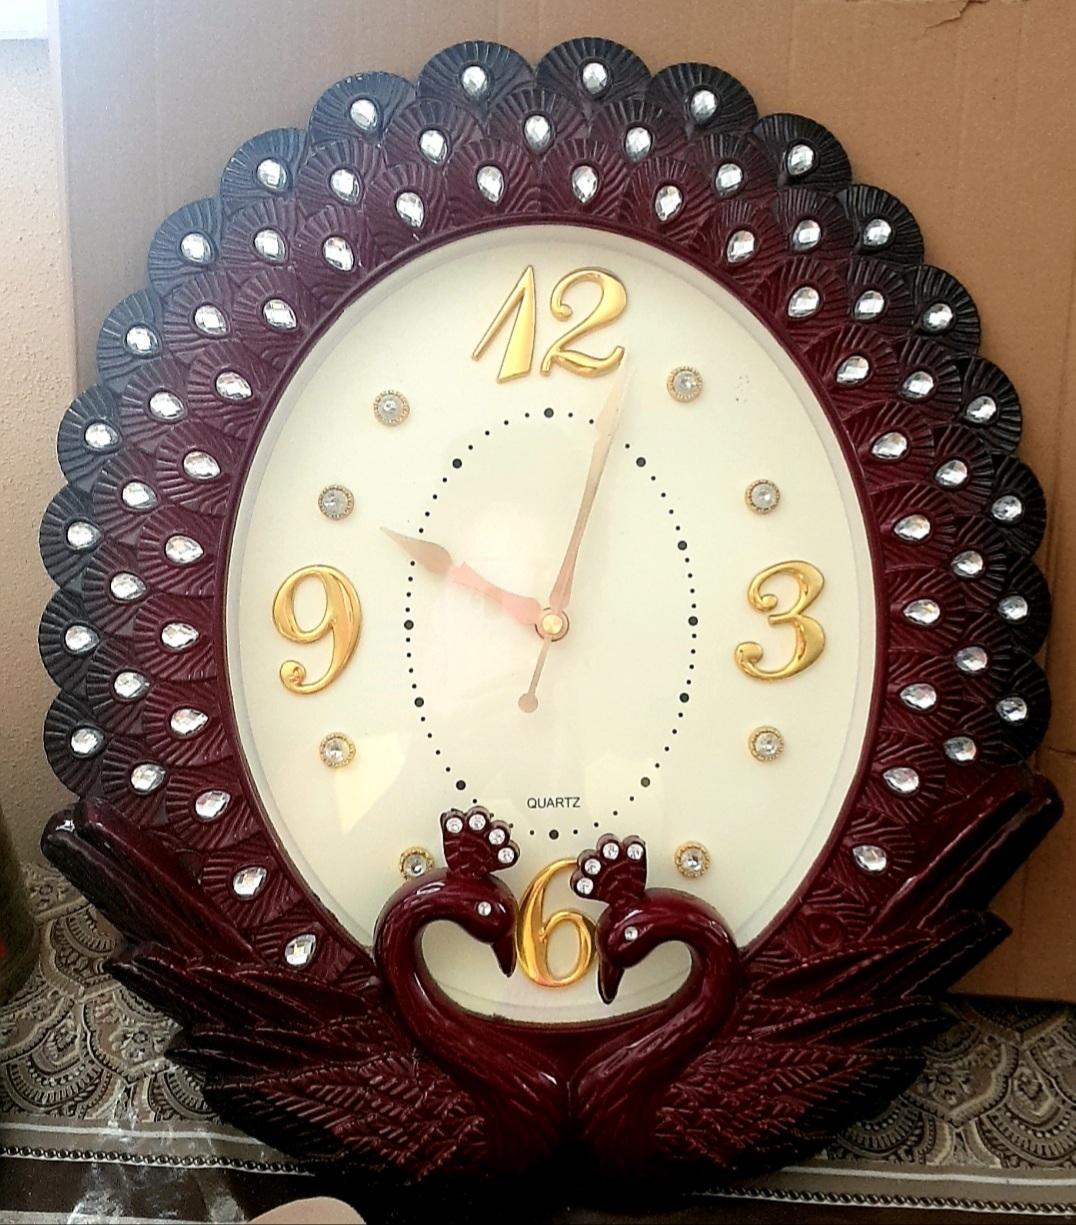 Divar saatı təzə 15 azn satılır. Ünvan Sumqayıt. Çatdırılma 20 y.